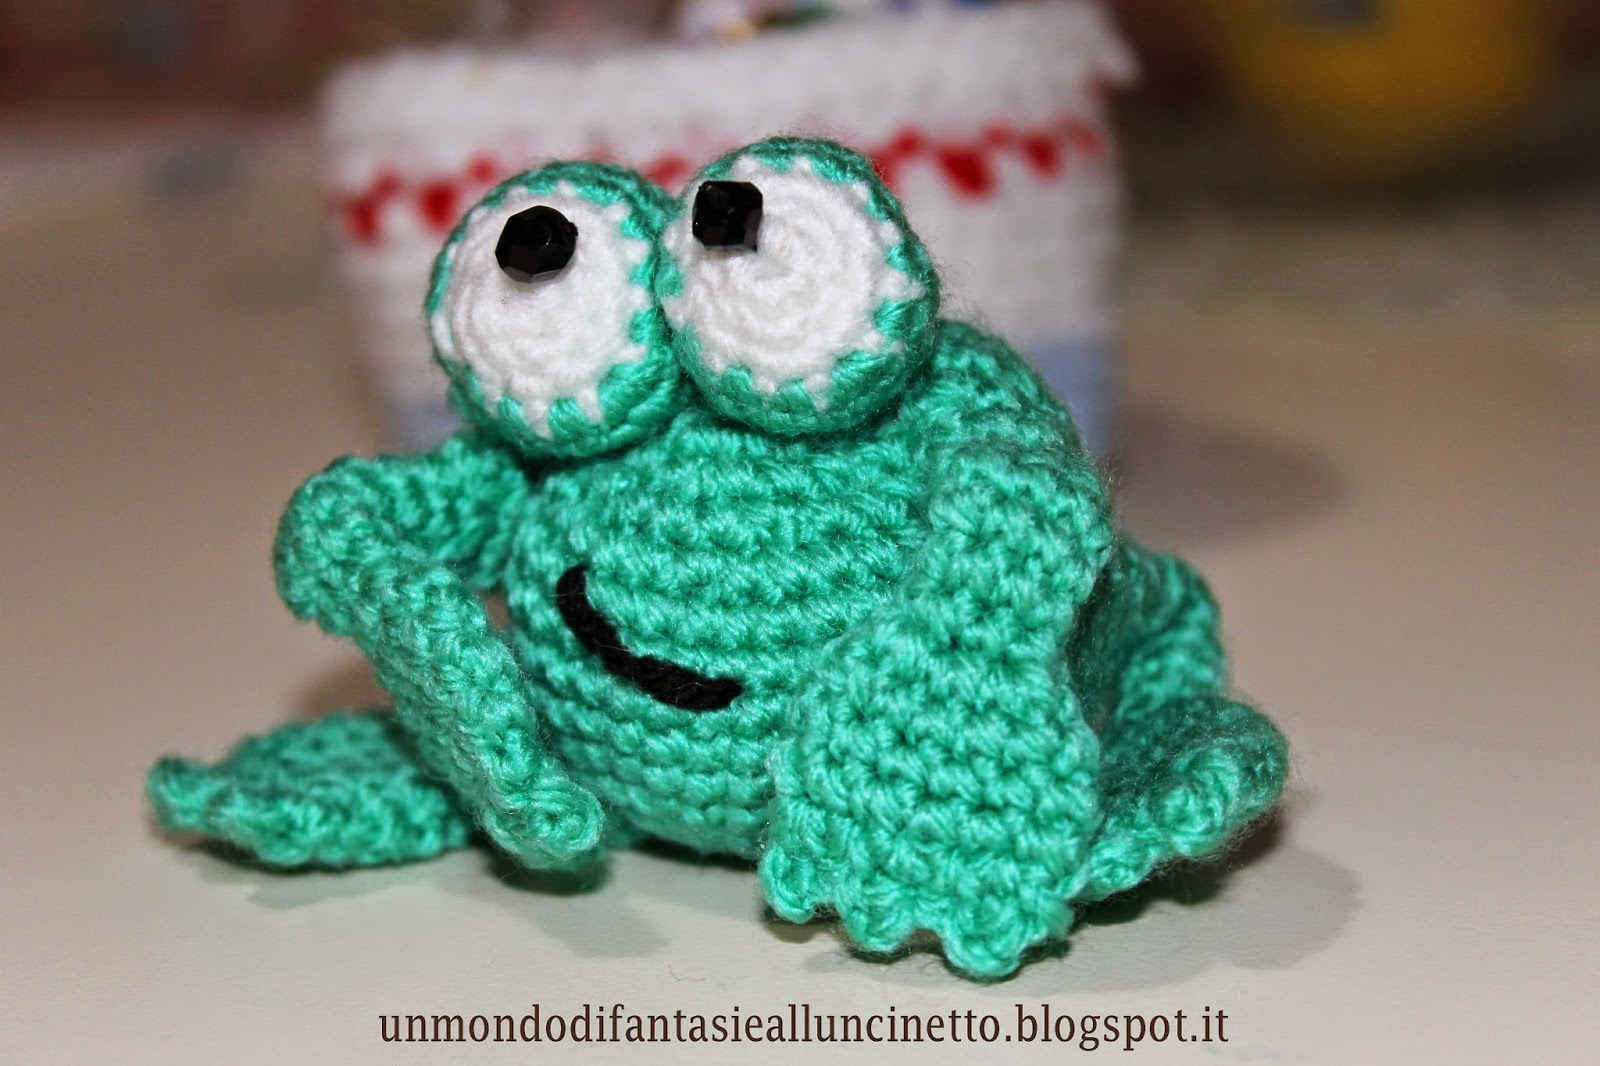 Un Mondo di Fantasie allUncinetto di Lisa : La mia rana ...